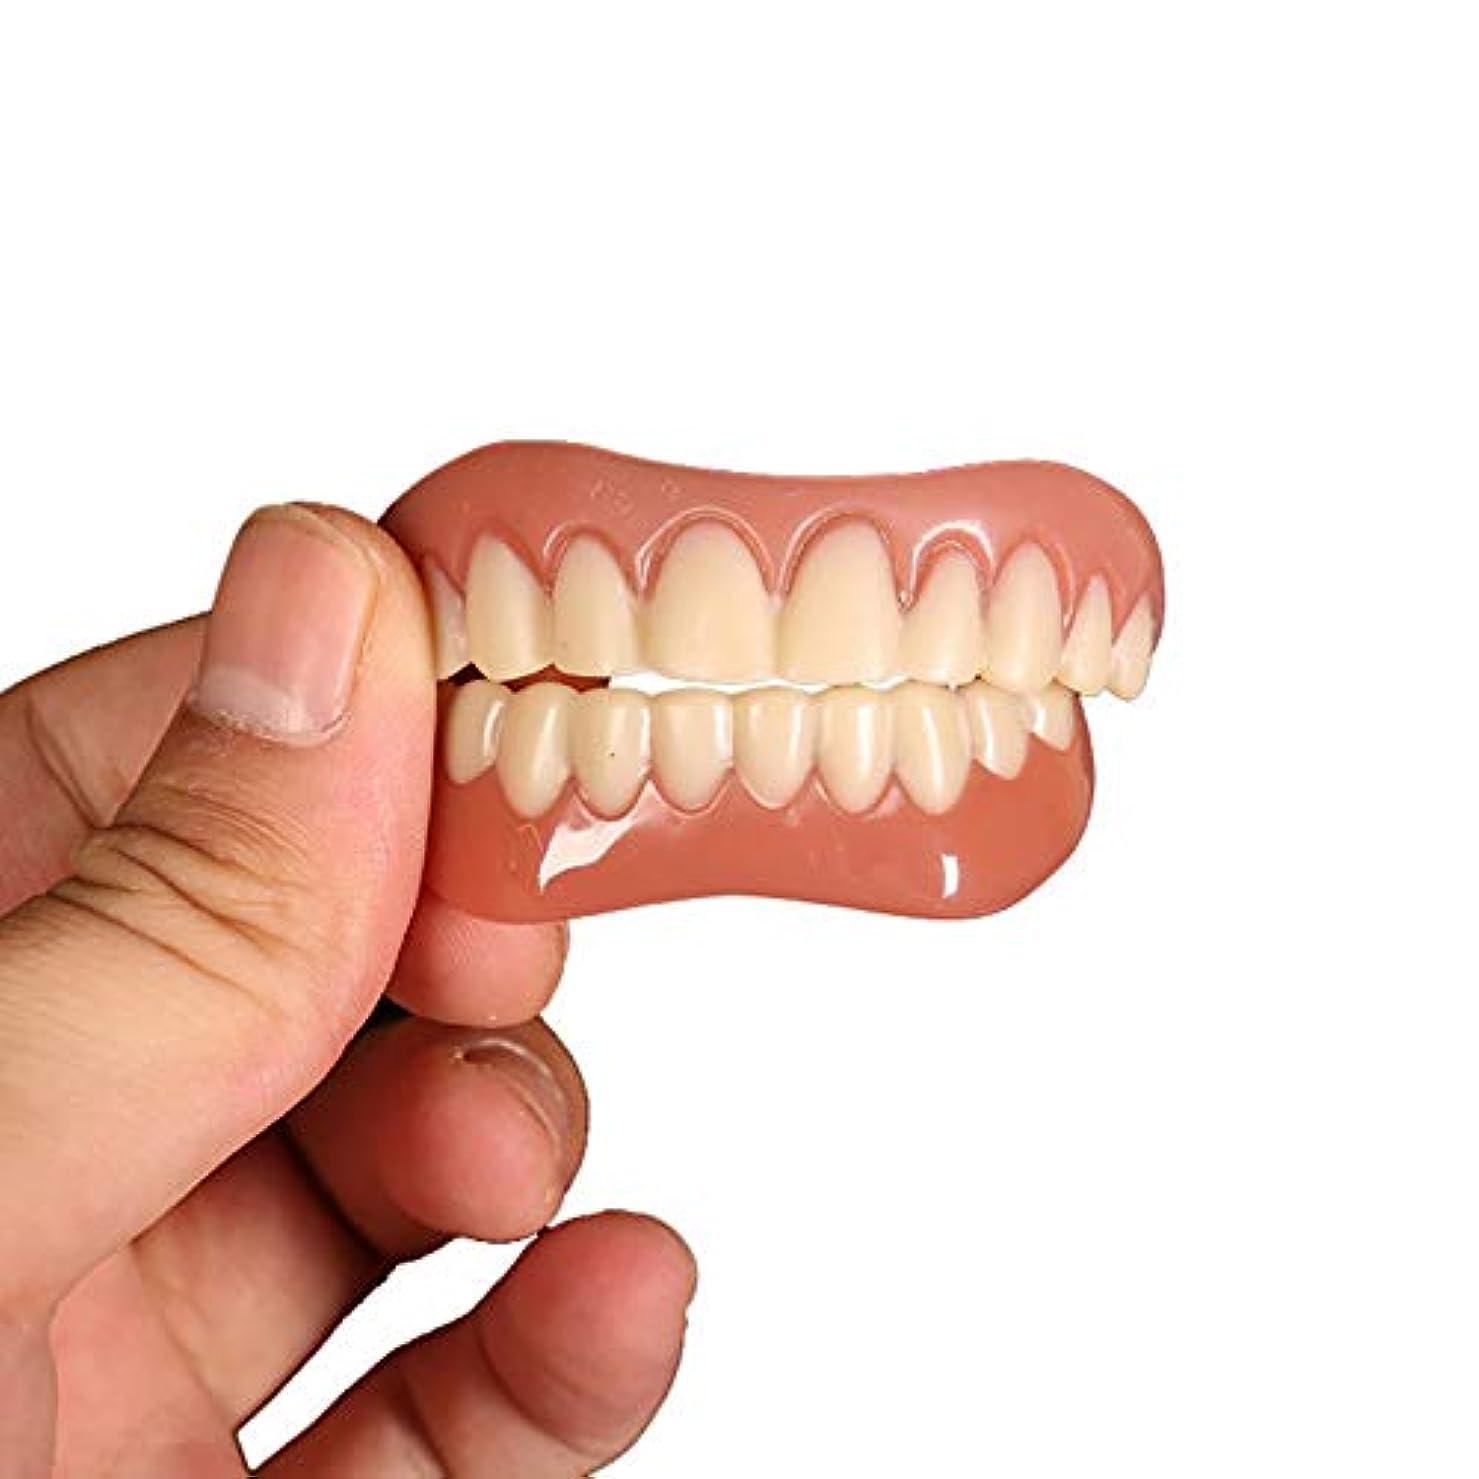 クレジットランク嫌い歯科用化粧板の快適さフィット歯の上部と底部化粧品の化粧板単サイズはすべての義歯接着剤の歯に入れます偽の義歯歯の笑顔